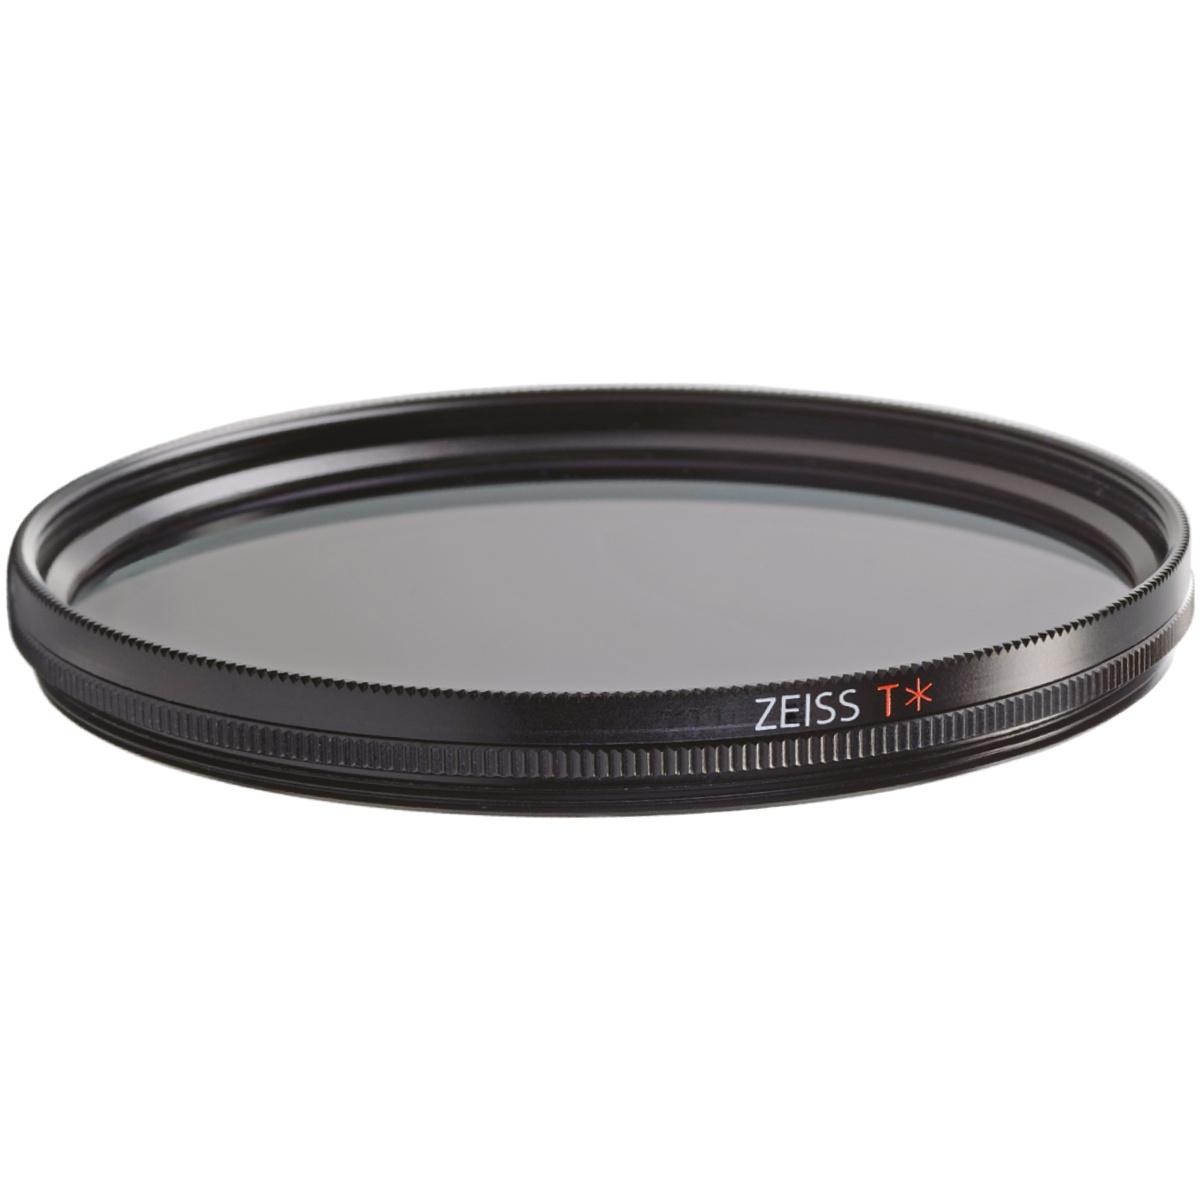 ZEISS T POL-Filter circular 52mm